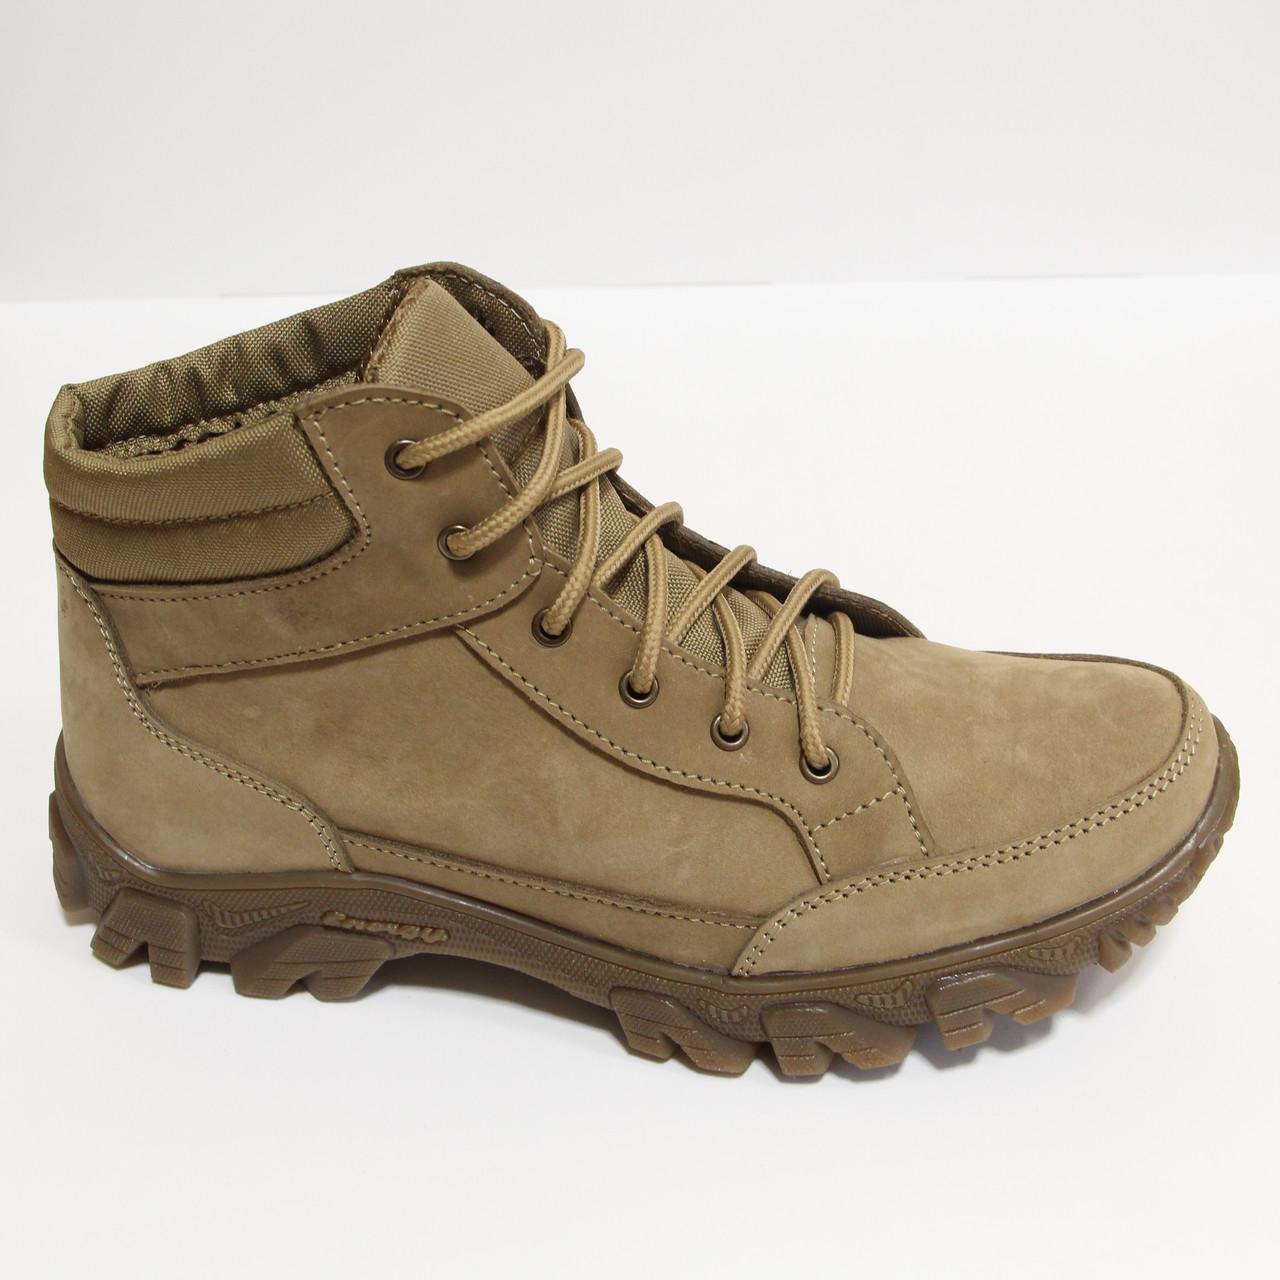 Тактические ботинки берцы из натуральной кожи (Бот №2 ДК)